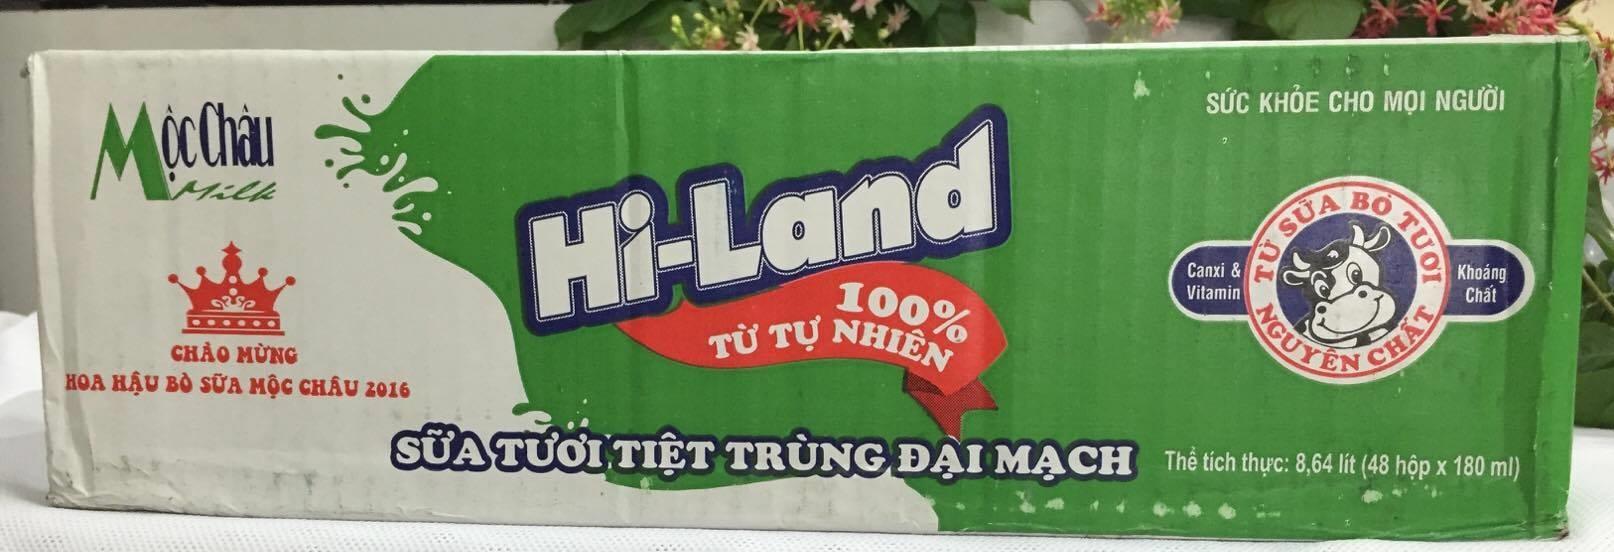 Sữa tươi tiệt trùng đại mạch Hi-Land Mộc châu - Thùng 48 hộp x 180ml